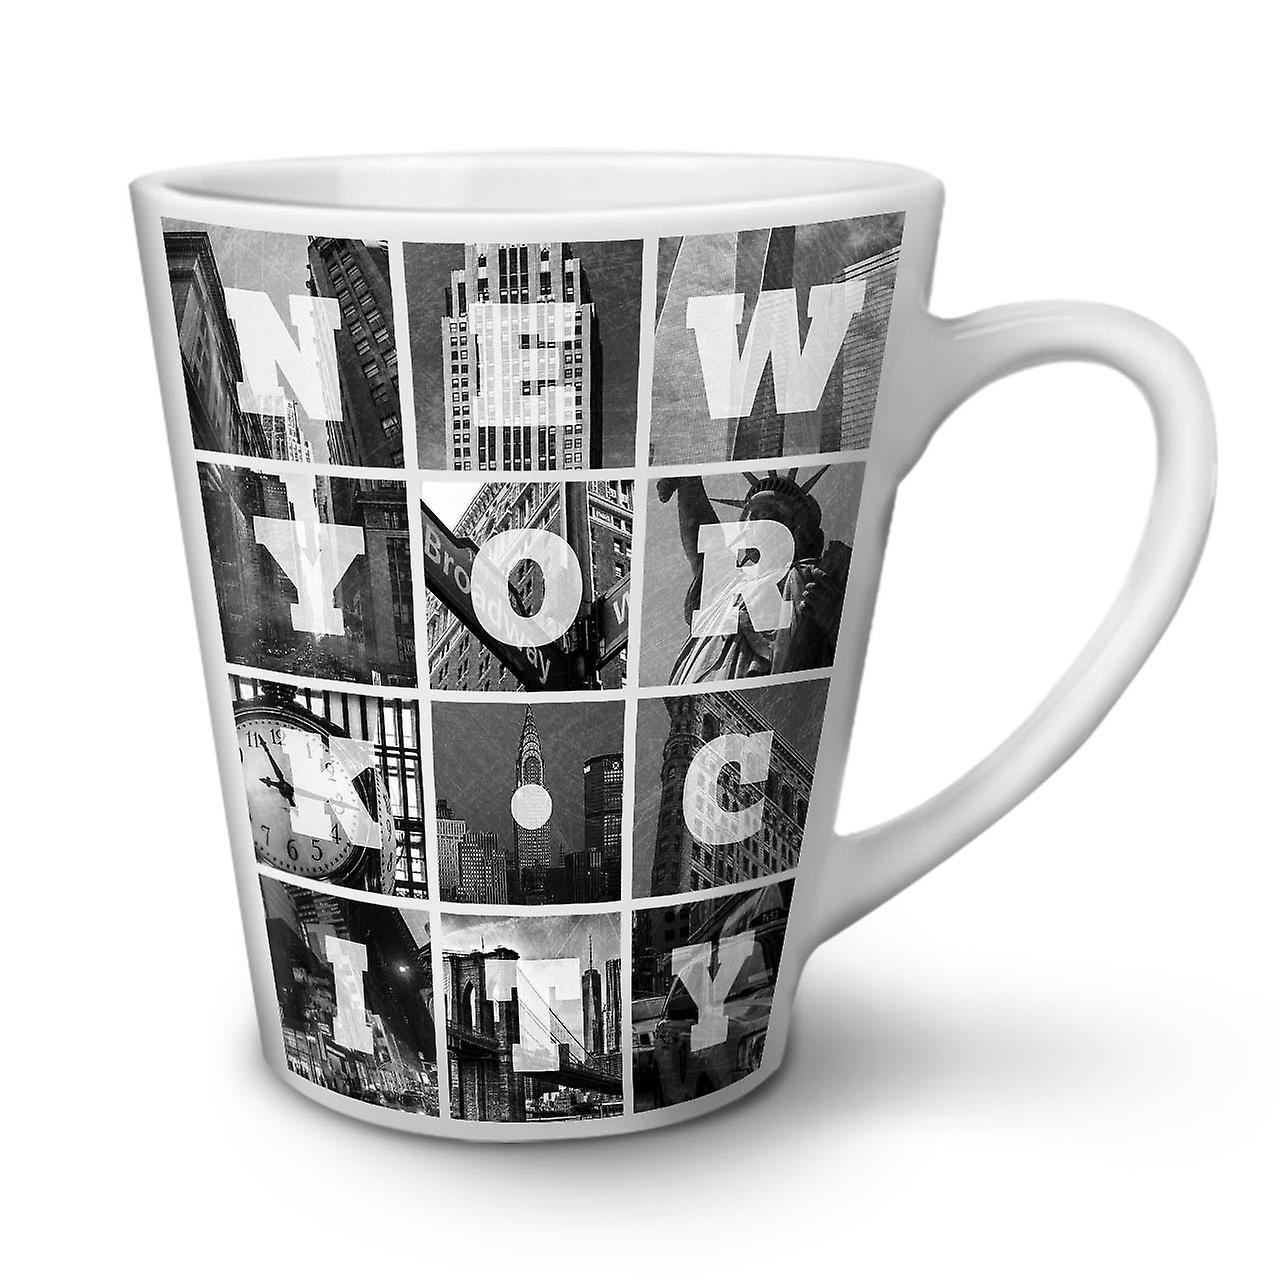 Nouvelle New Latte Céramique OzWellcoda City Blanche Tasse Café York 12 En Photo bfY7gy6